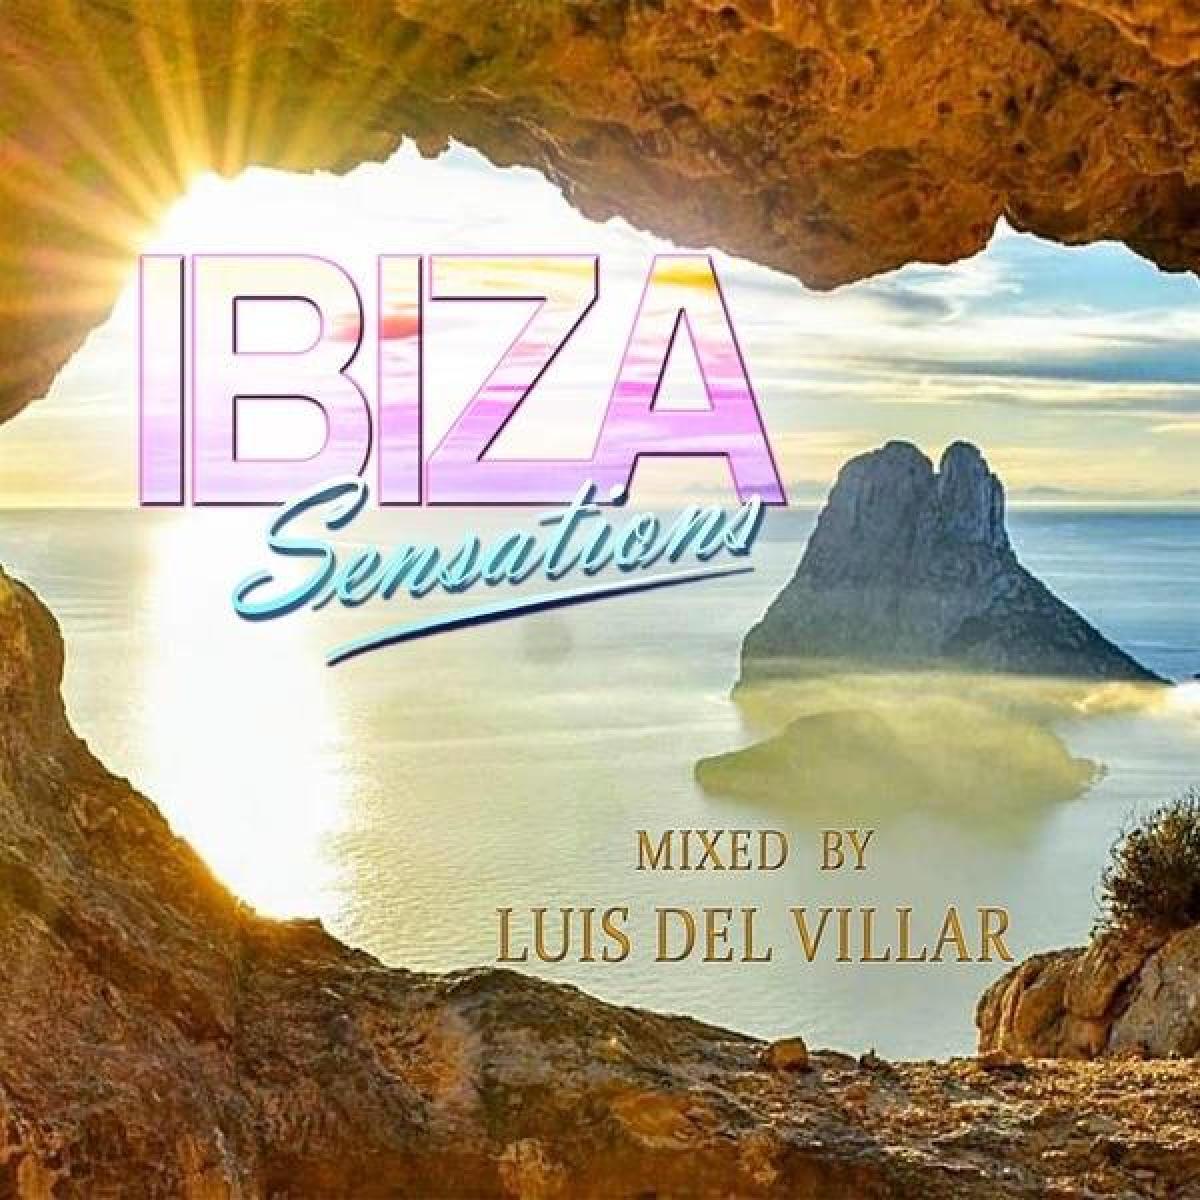 Ibiza Sensations 235 by Luis Del Villar